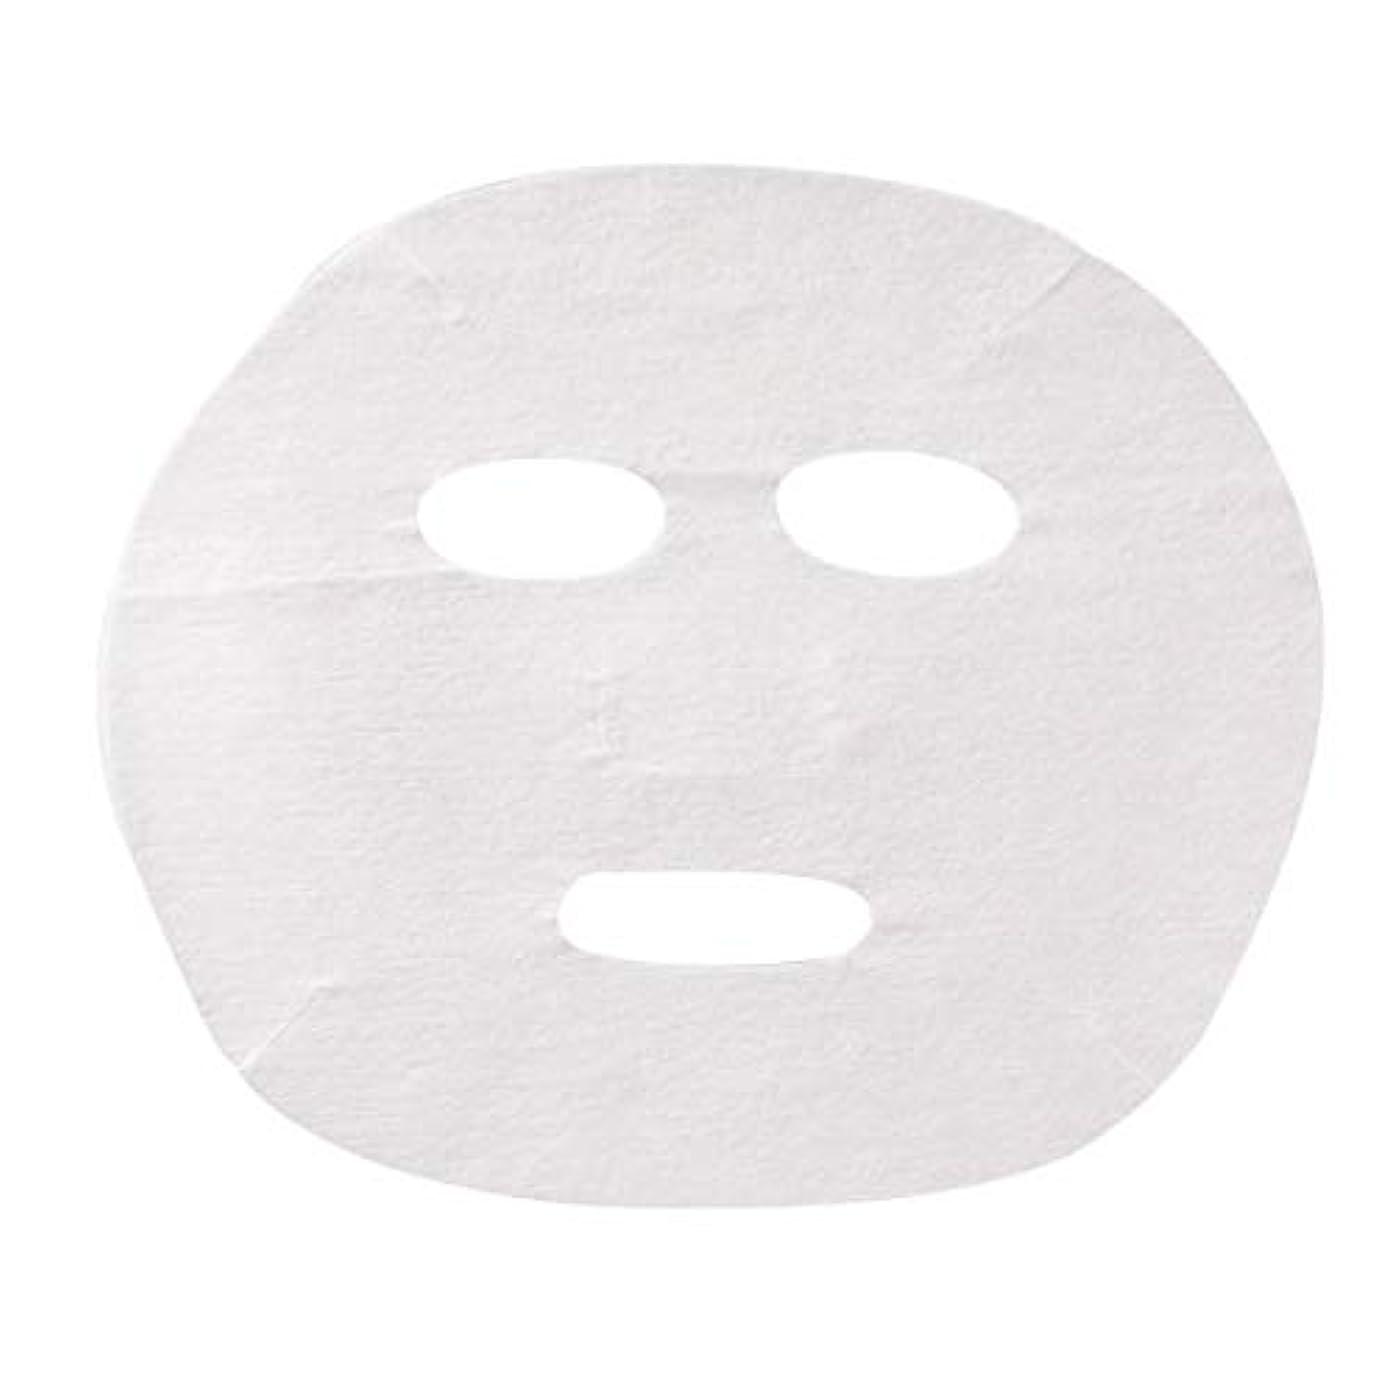 不確実ストライク楽しませるフェイシャルシート (薄手タイプ) 70枚入 22.5×18.5cm [ フェイスマスク フェイスシート フェイスパック フェイシャルマスク フェイシャルパック ローションマスク ローションパック フェイス パック マスク ]